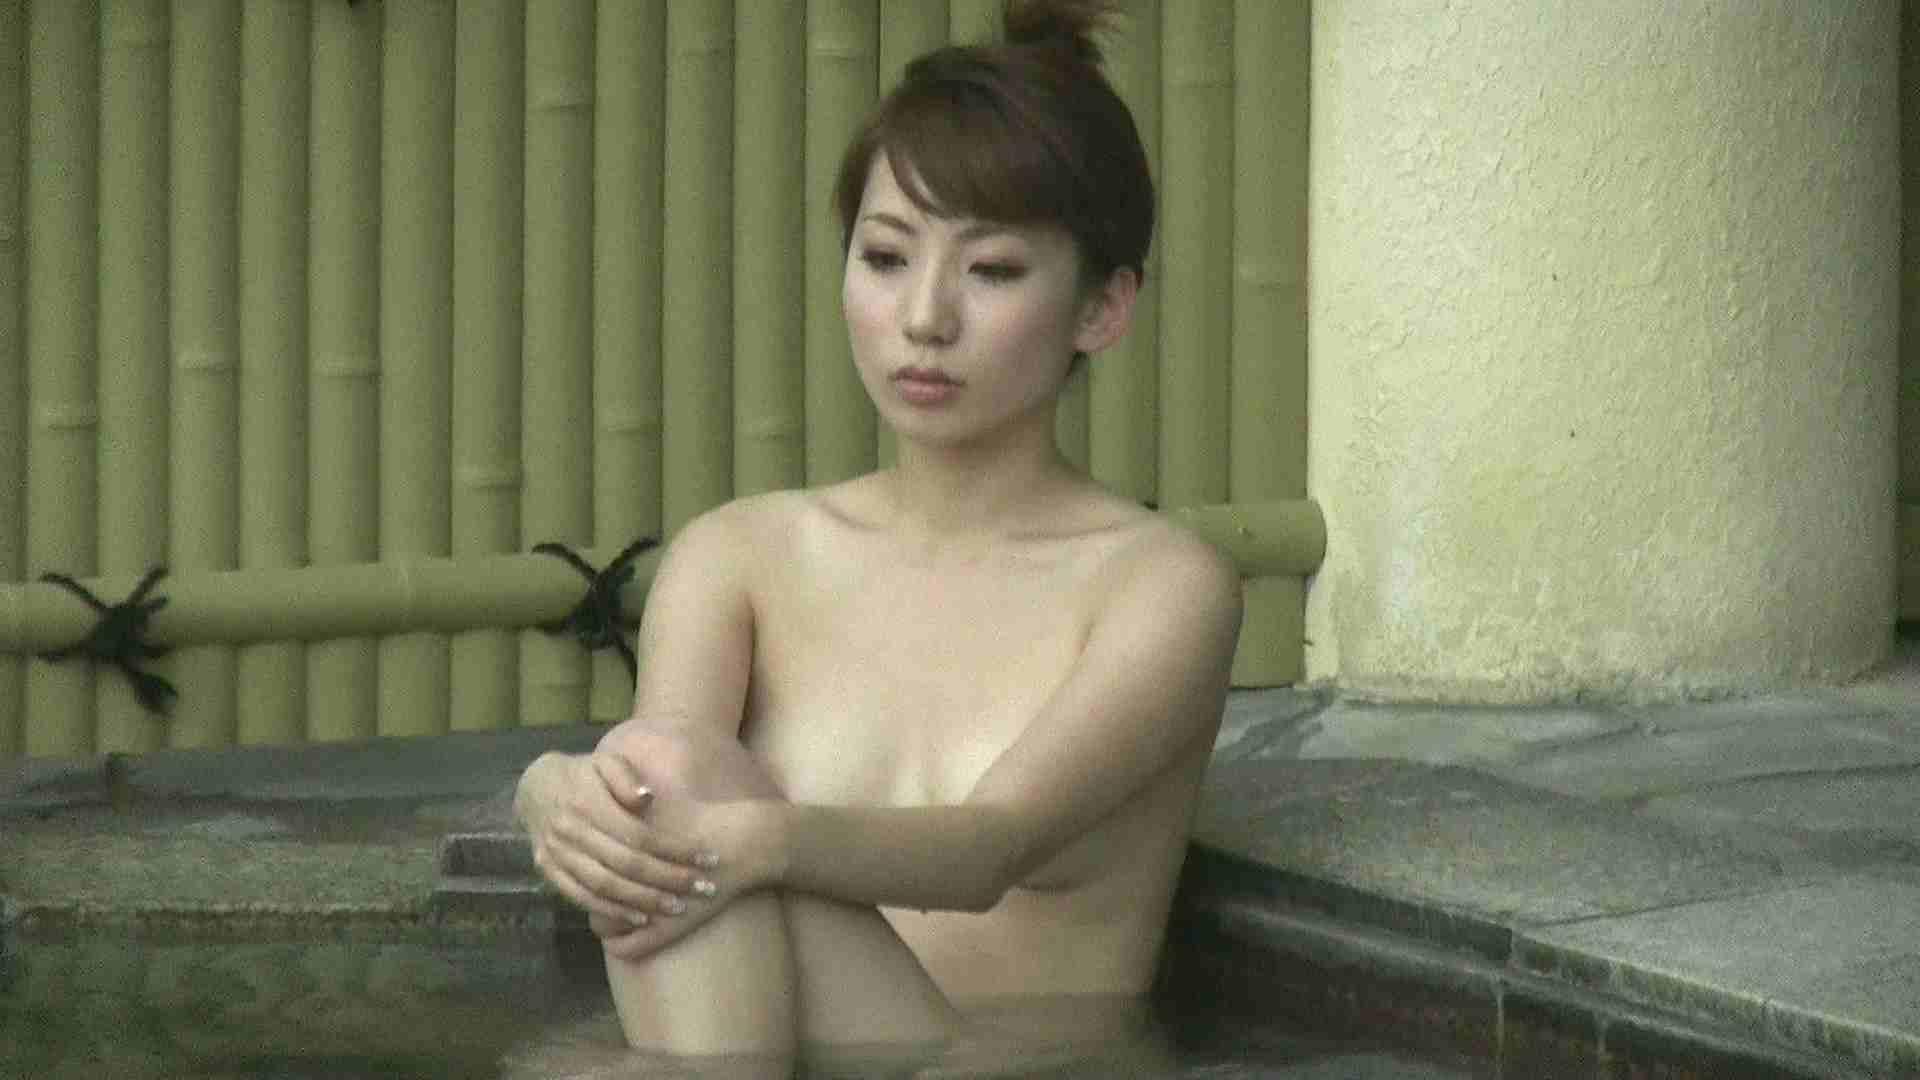 Aquaな露天風呂Vol.208 露天風呂  54連発 3